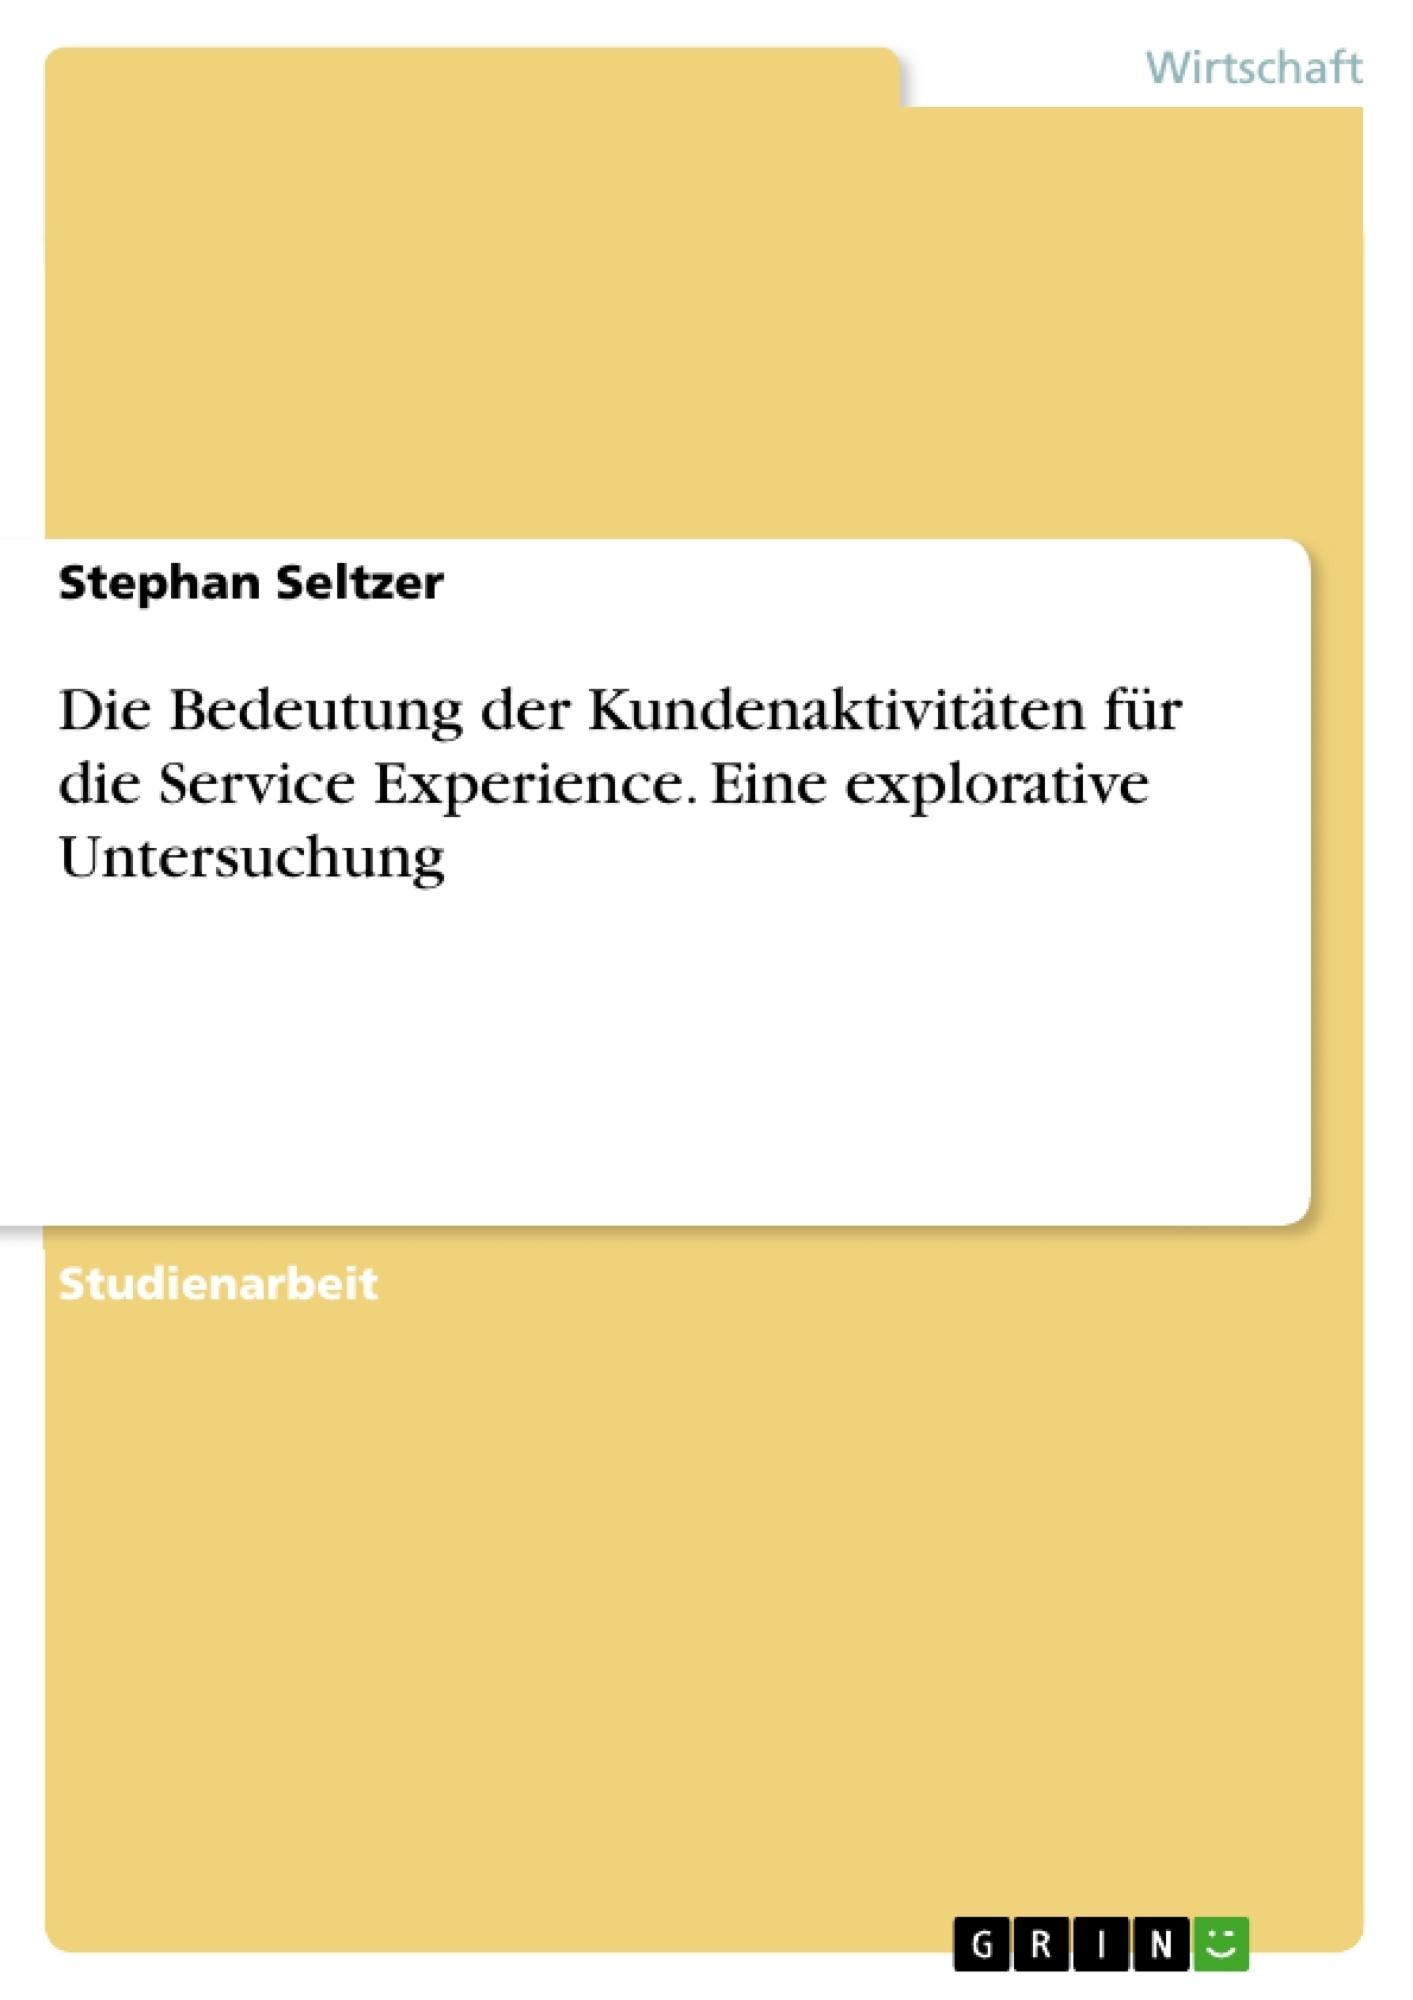 Titel: Die Bedeutung der Kundenaktivitäten für die Service Experience. Eine explorative Untersuchung